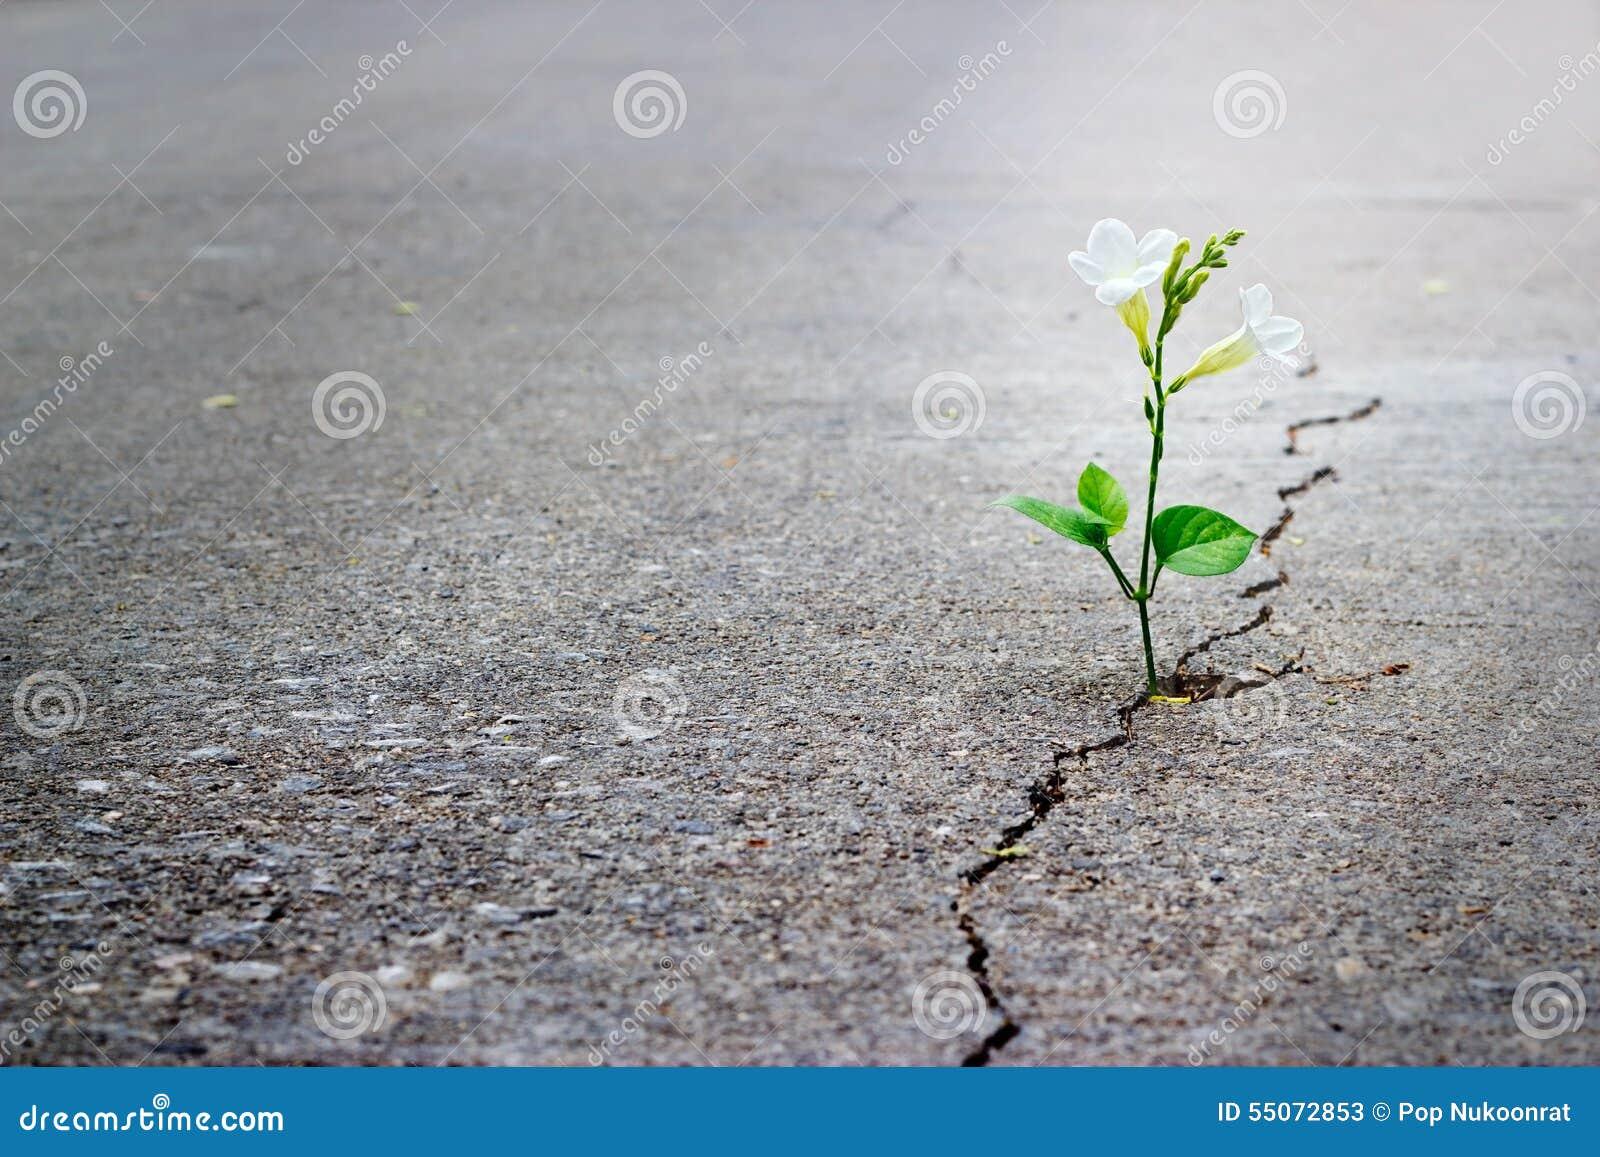 Horticulture blanche sur la rue de fente, foyer mou, texte vide